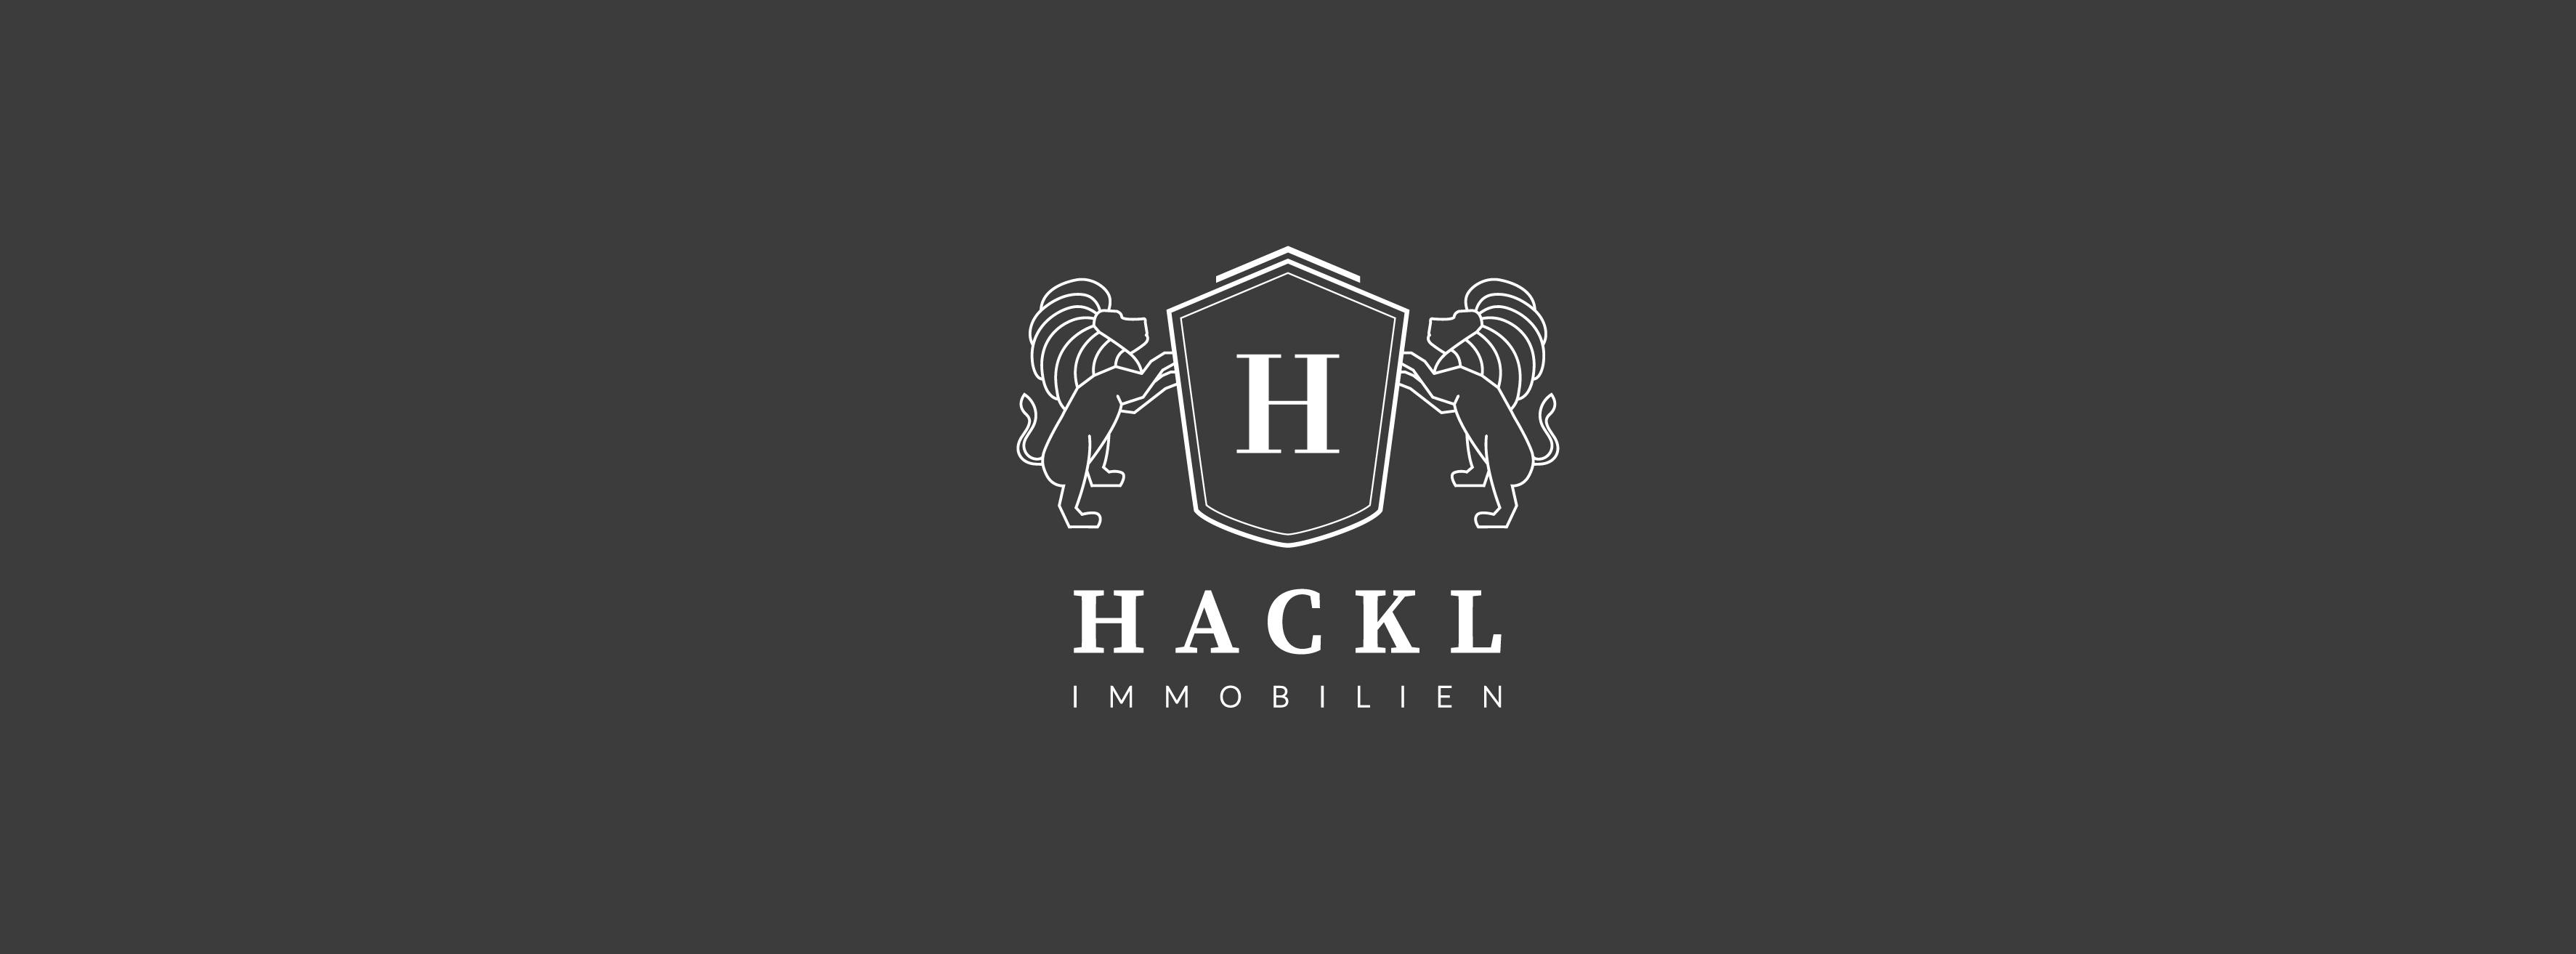 Hier sehen Sie das Logo von Hackl Immobilien